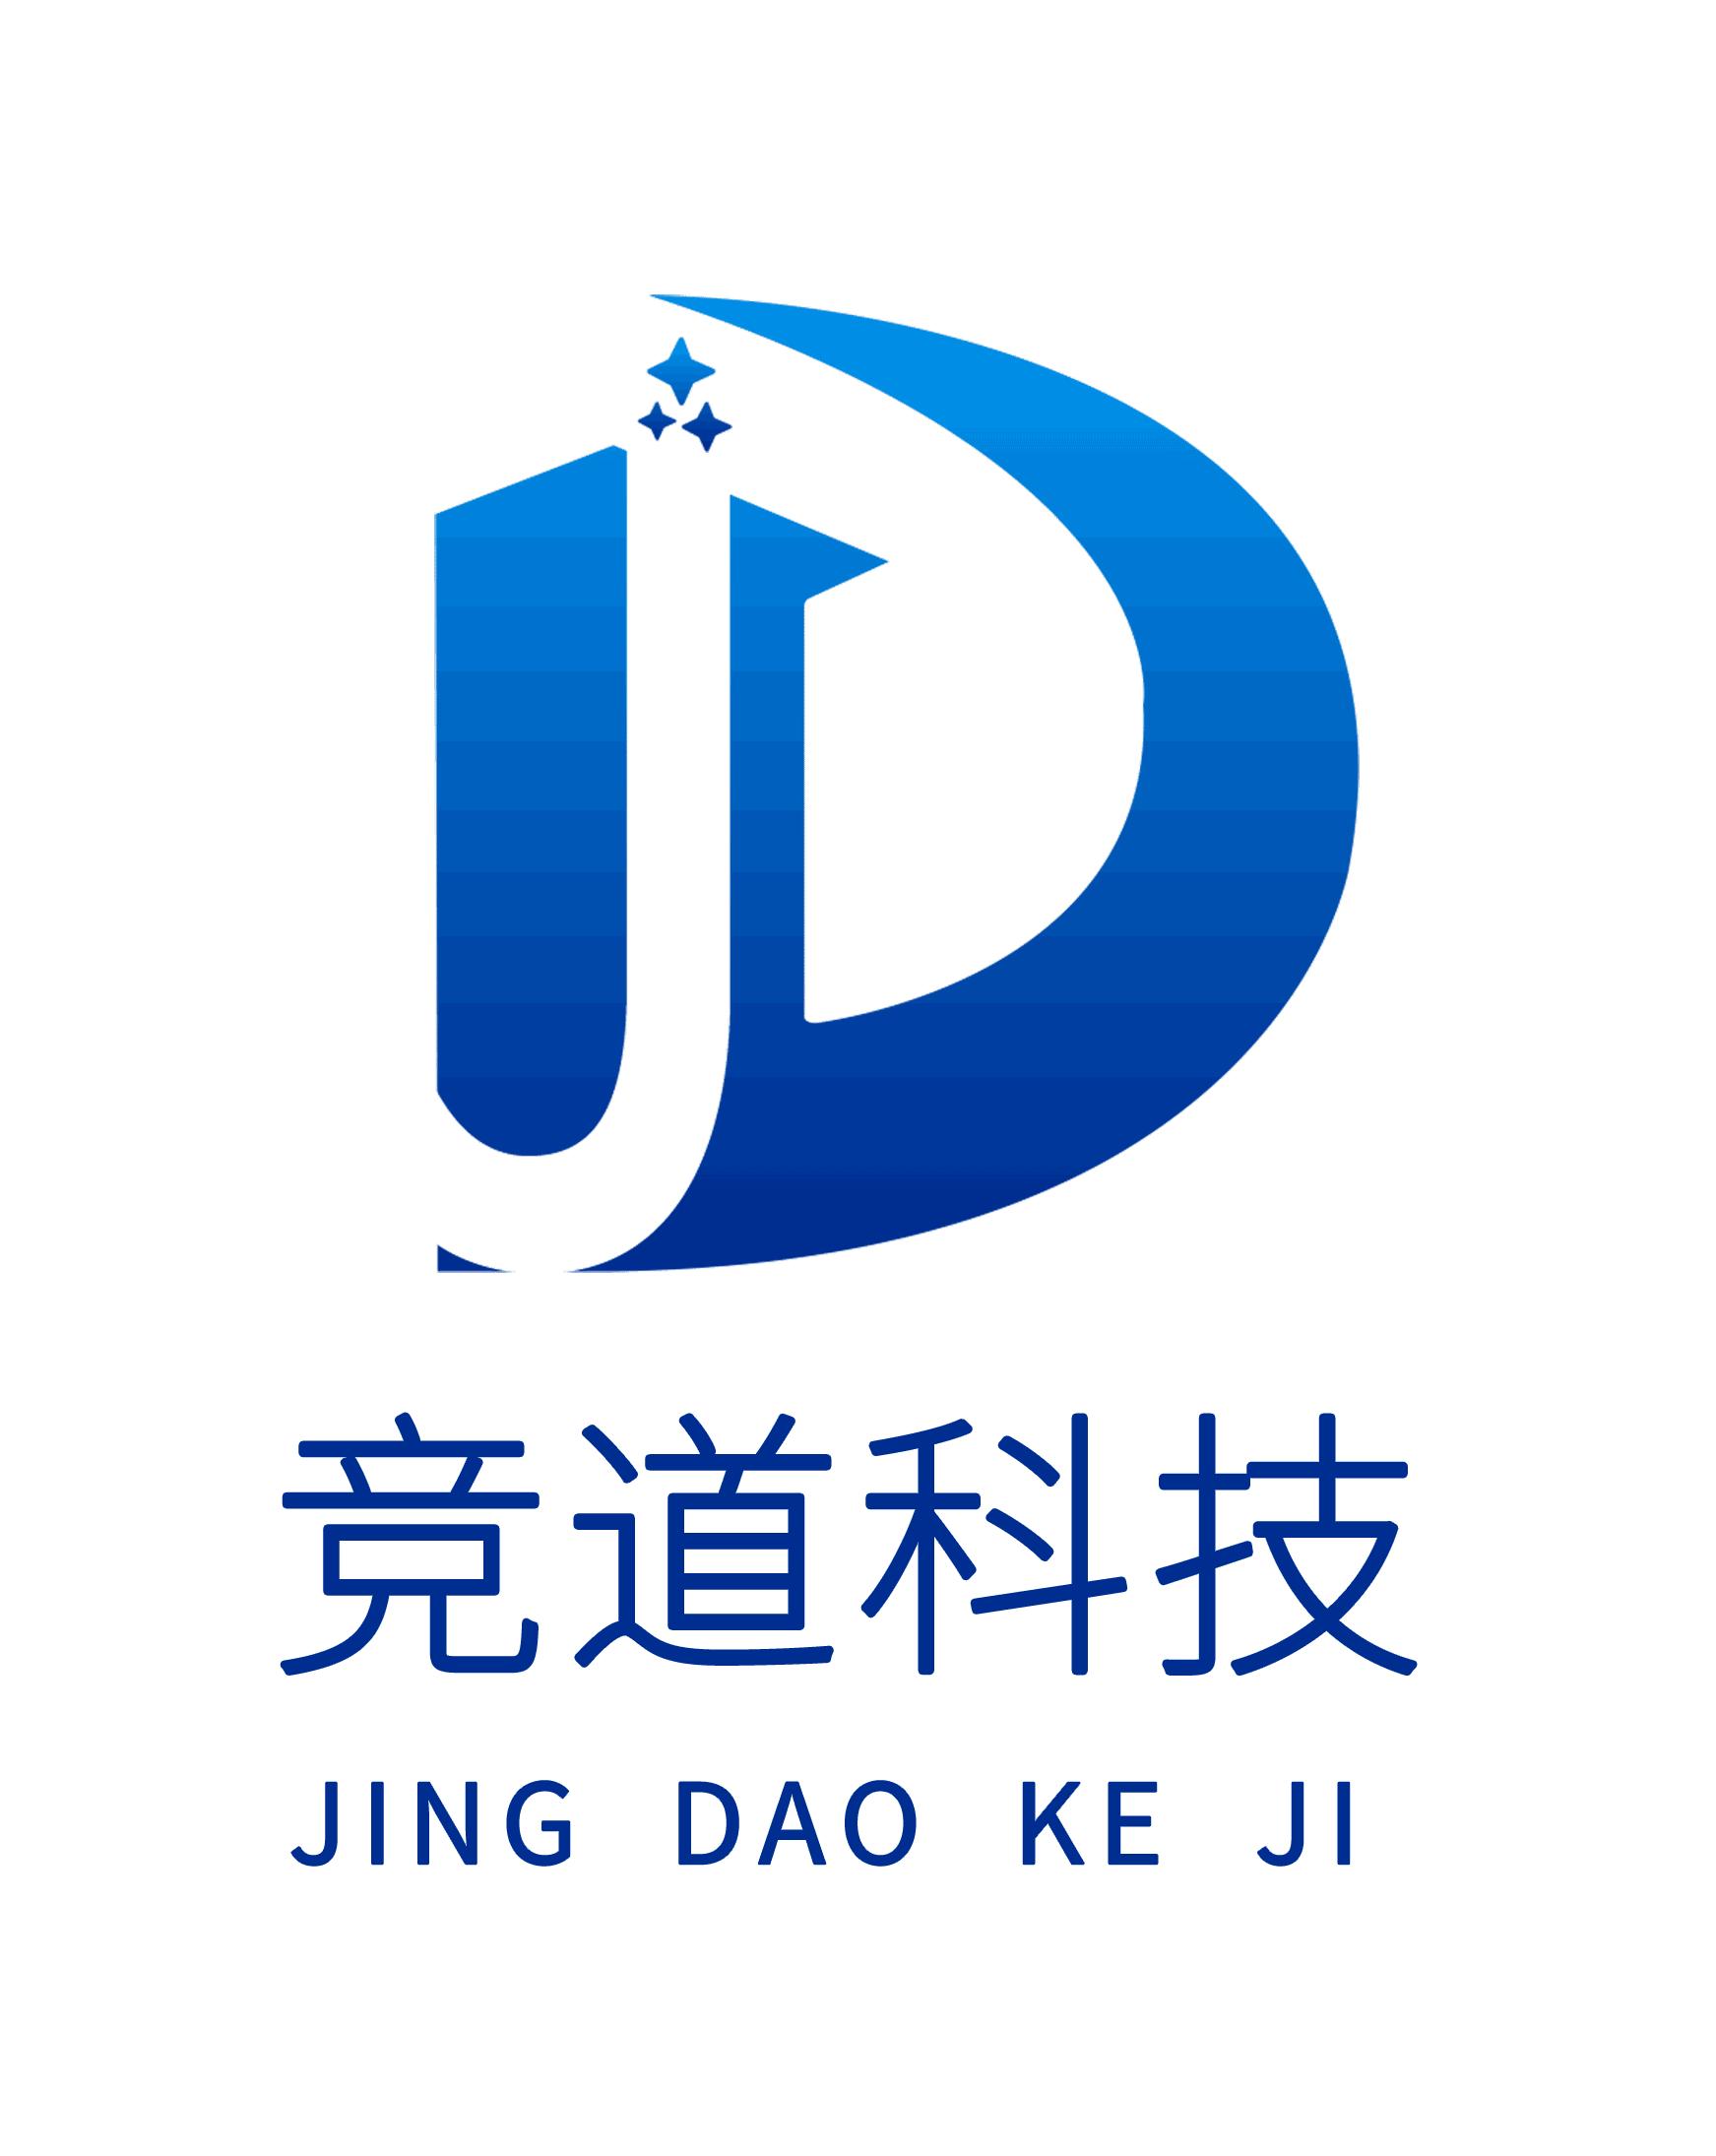 山东竞道光电科技有限公司